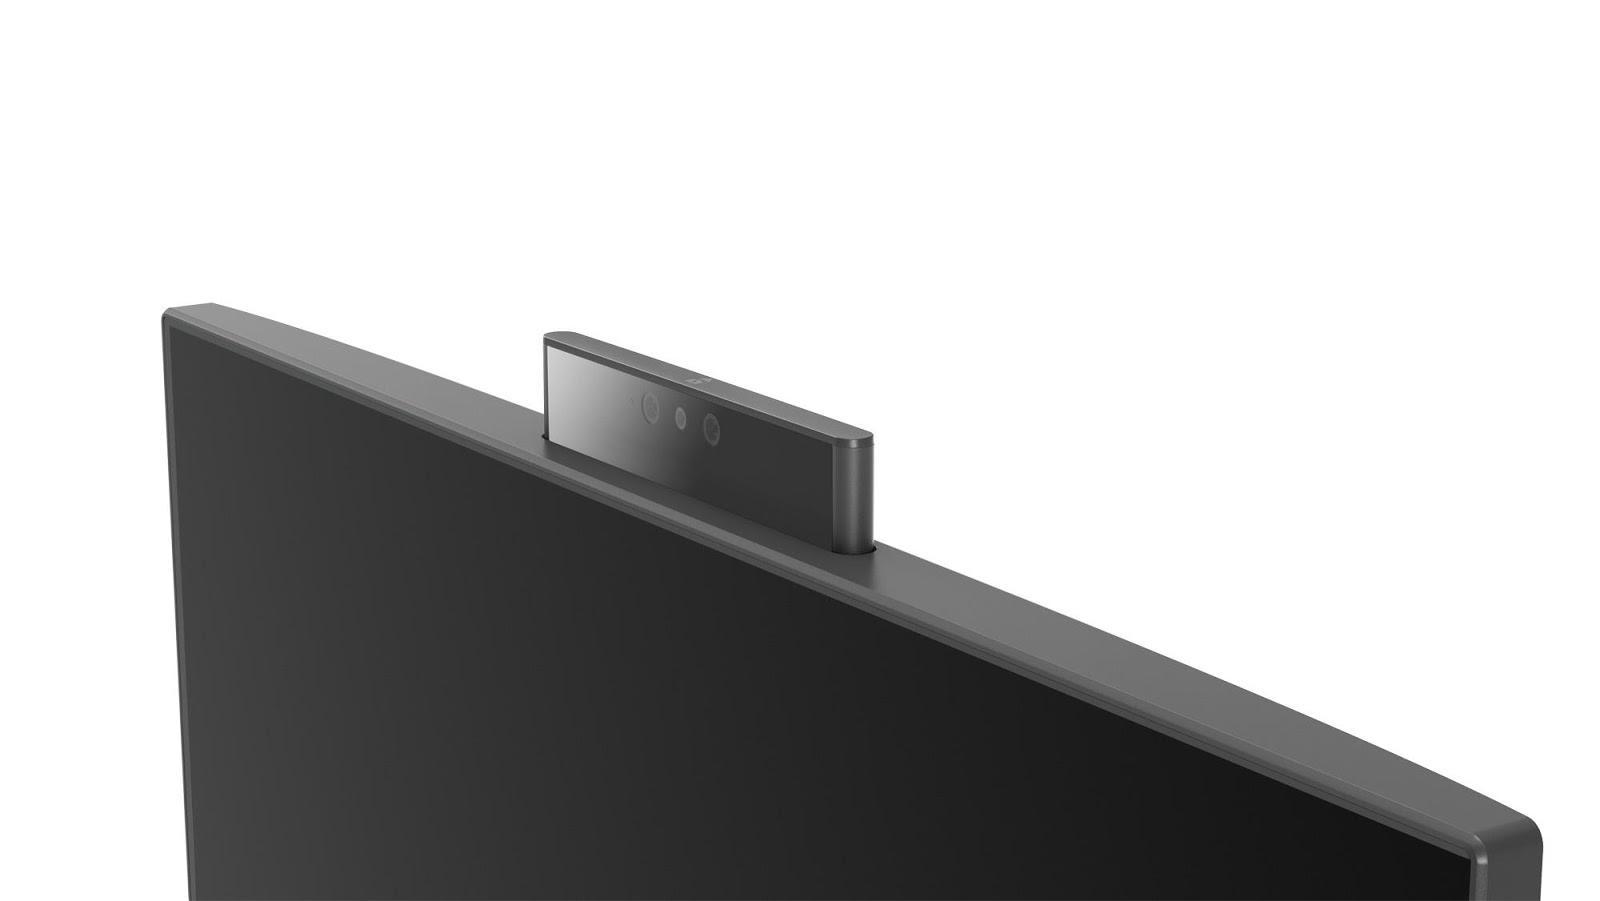 Фото4  Моноблок Lenovo IdeaCentre 520-24 Black (F0D2002HUA)